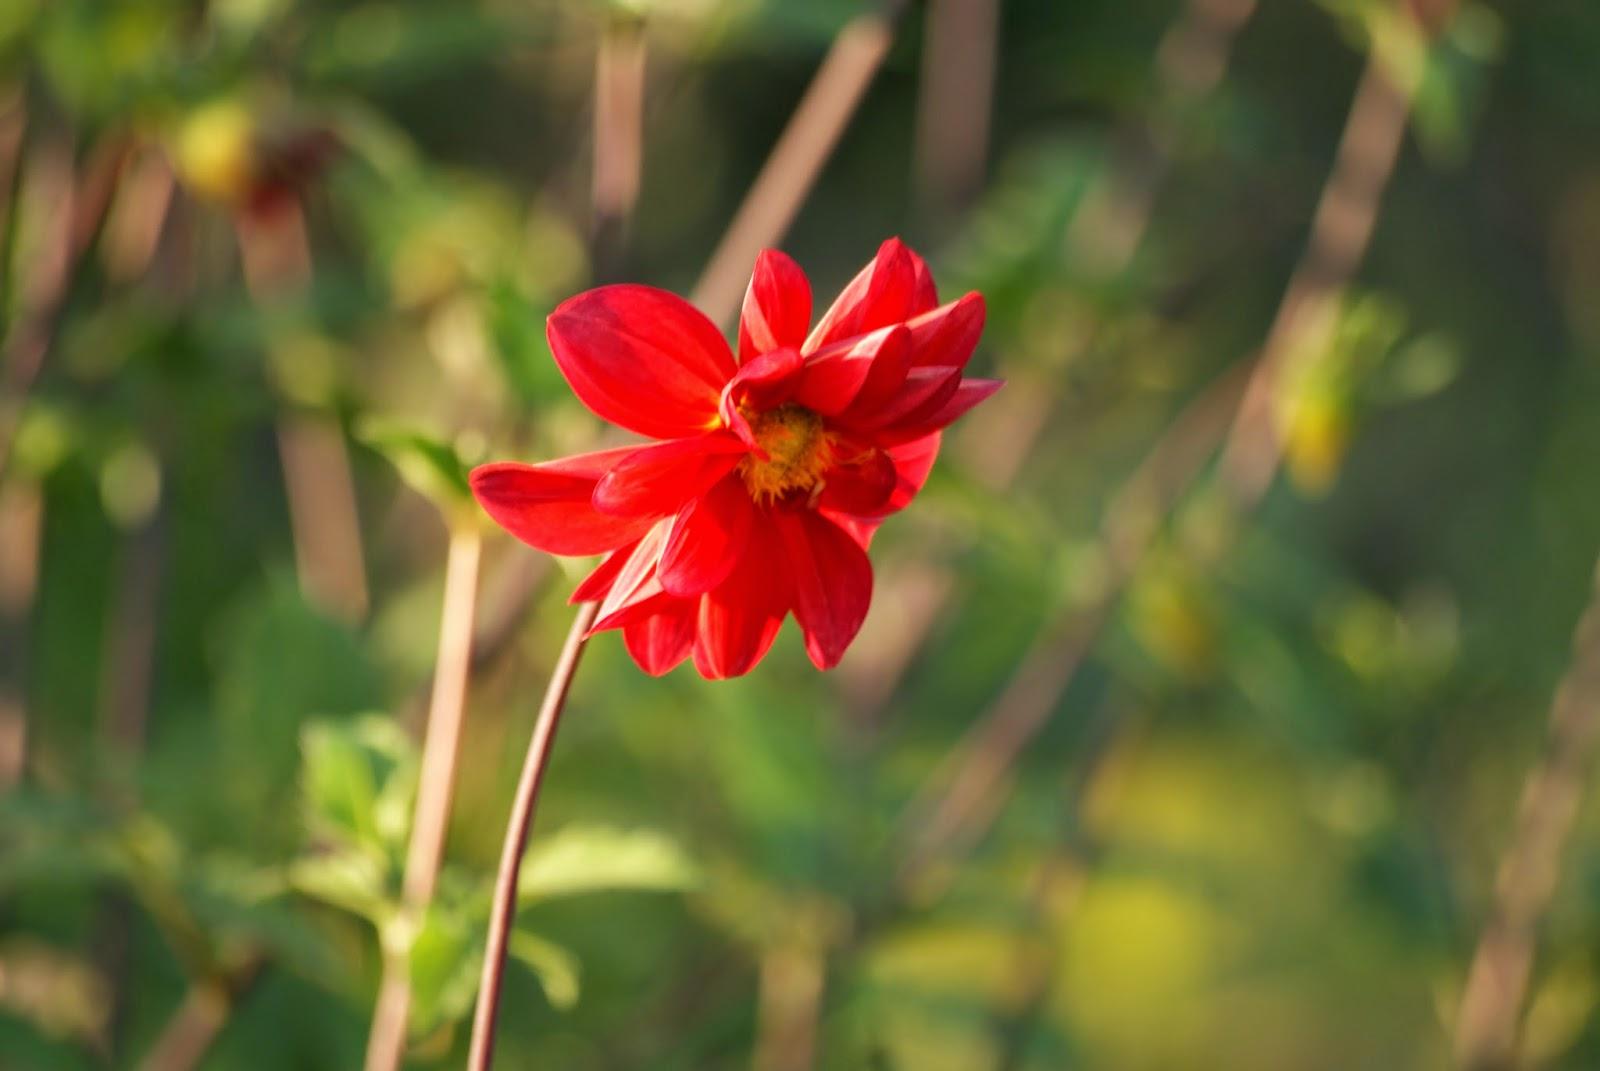 macro photography fotografia mały czerwony kwiat red little flower